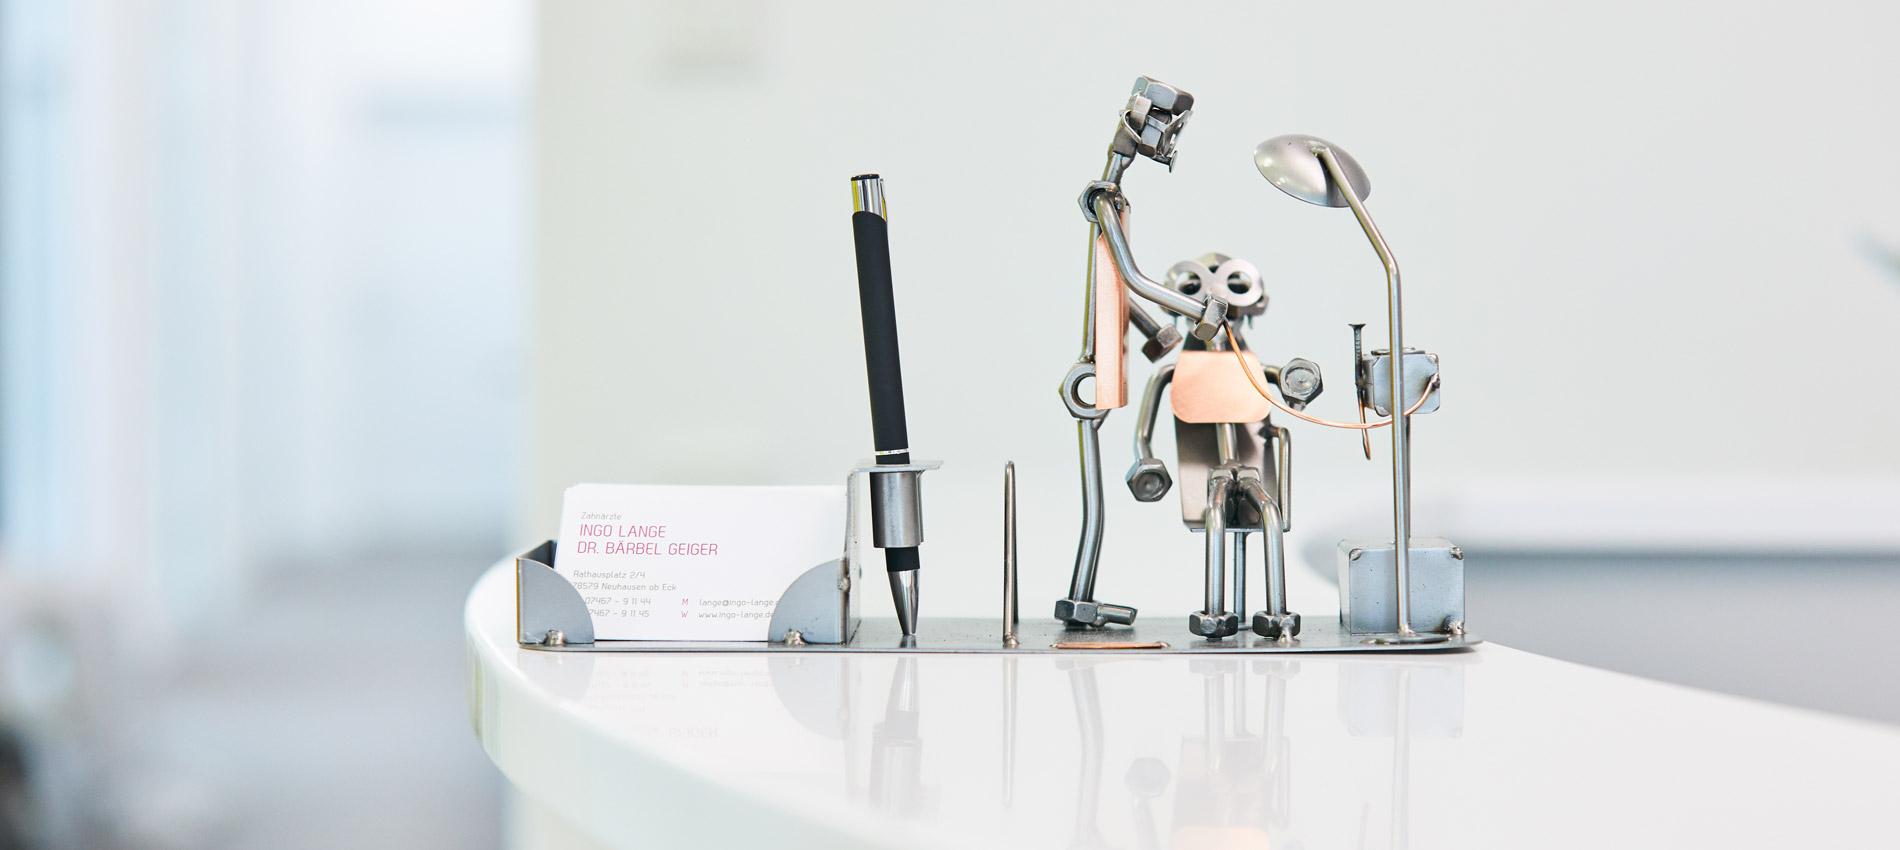 Zahnarztpraxis Ingo Lange - Zahnärztlicher Bereitschaftsdienst 1